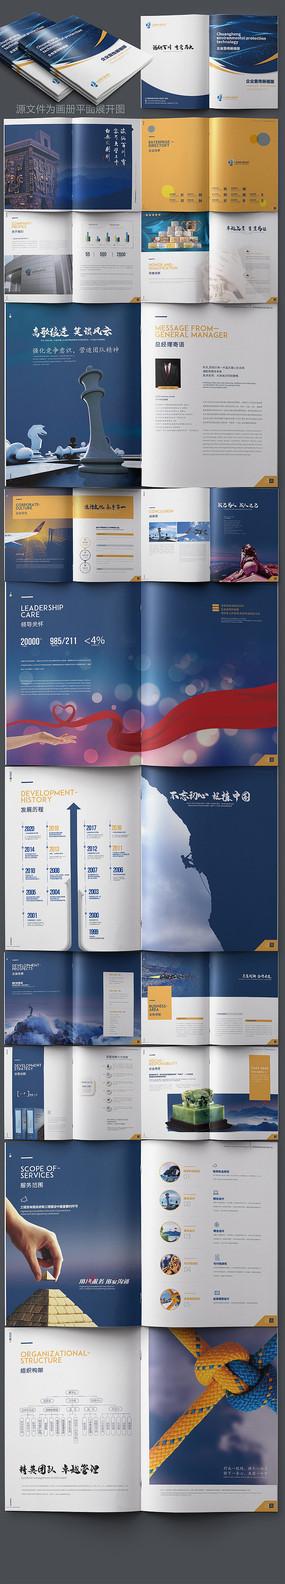 高端大气企业宣传画册模板设计